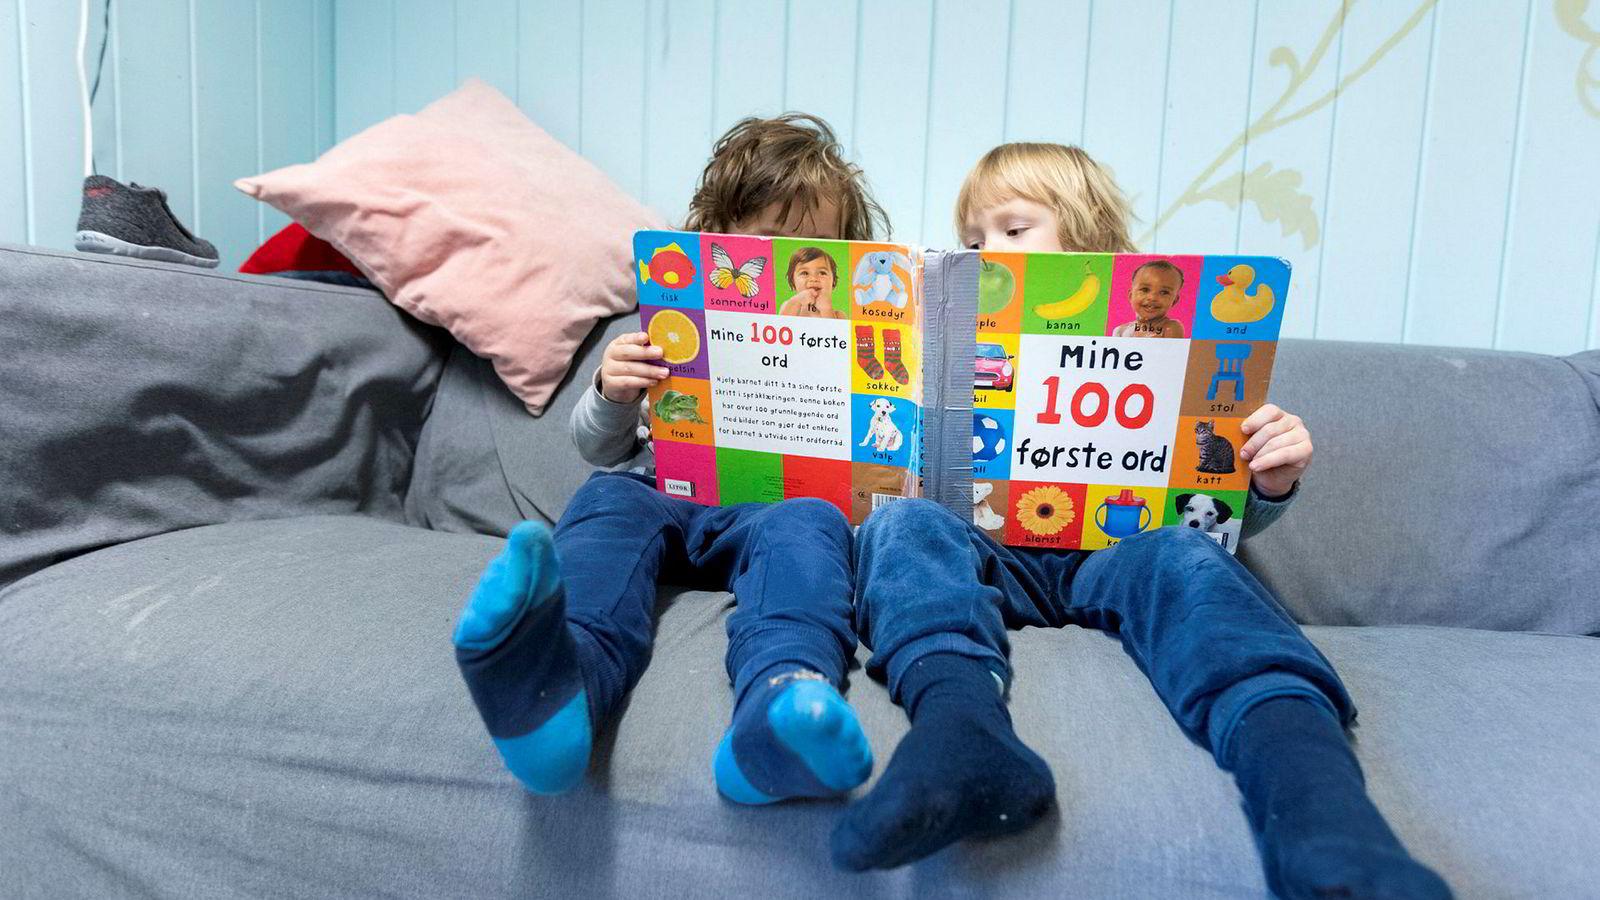 Vi trenger en nyansert og kunnskapsbasert debatt for å videreutvikle og sikre kvalitet i den norske barnehagen, skriver artikkelforfatterne.